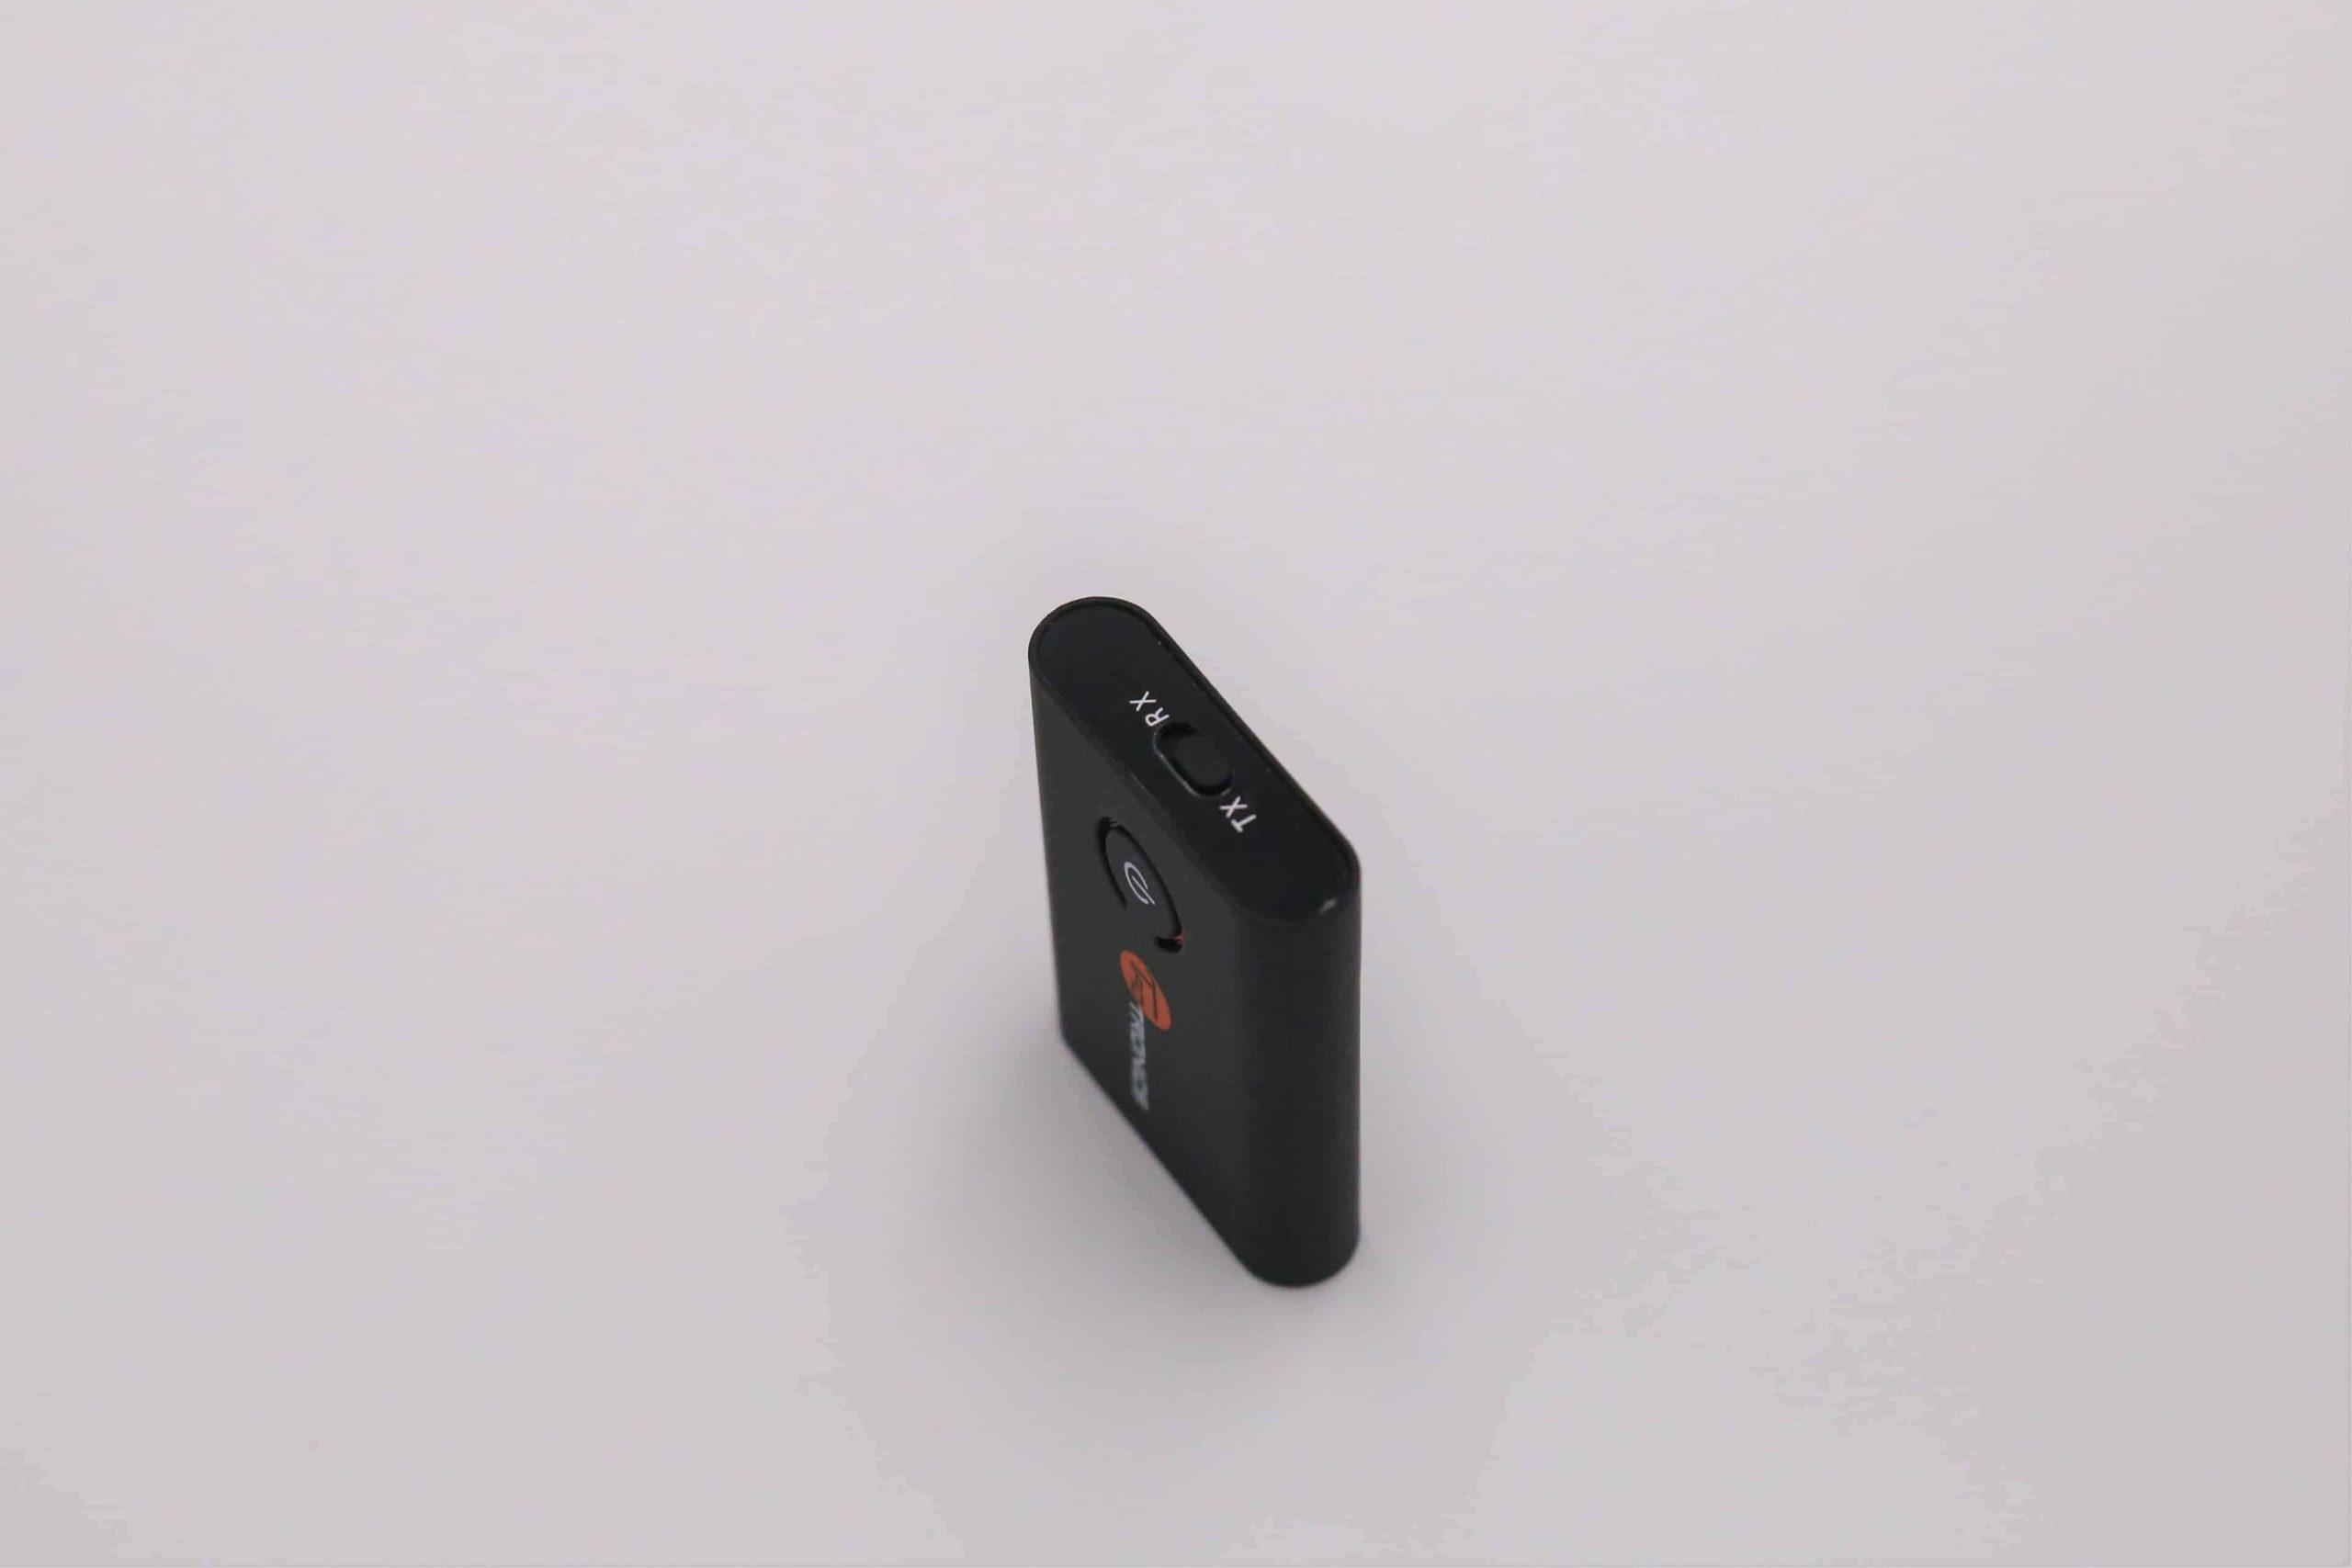 取代小米的二合一藍牙音源接收發射器推薦 - TaoTronics TT-BA07-TechTeller (科技說)